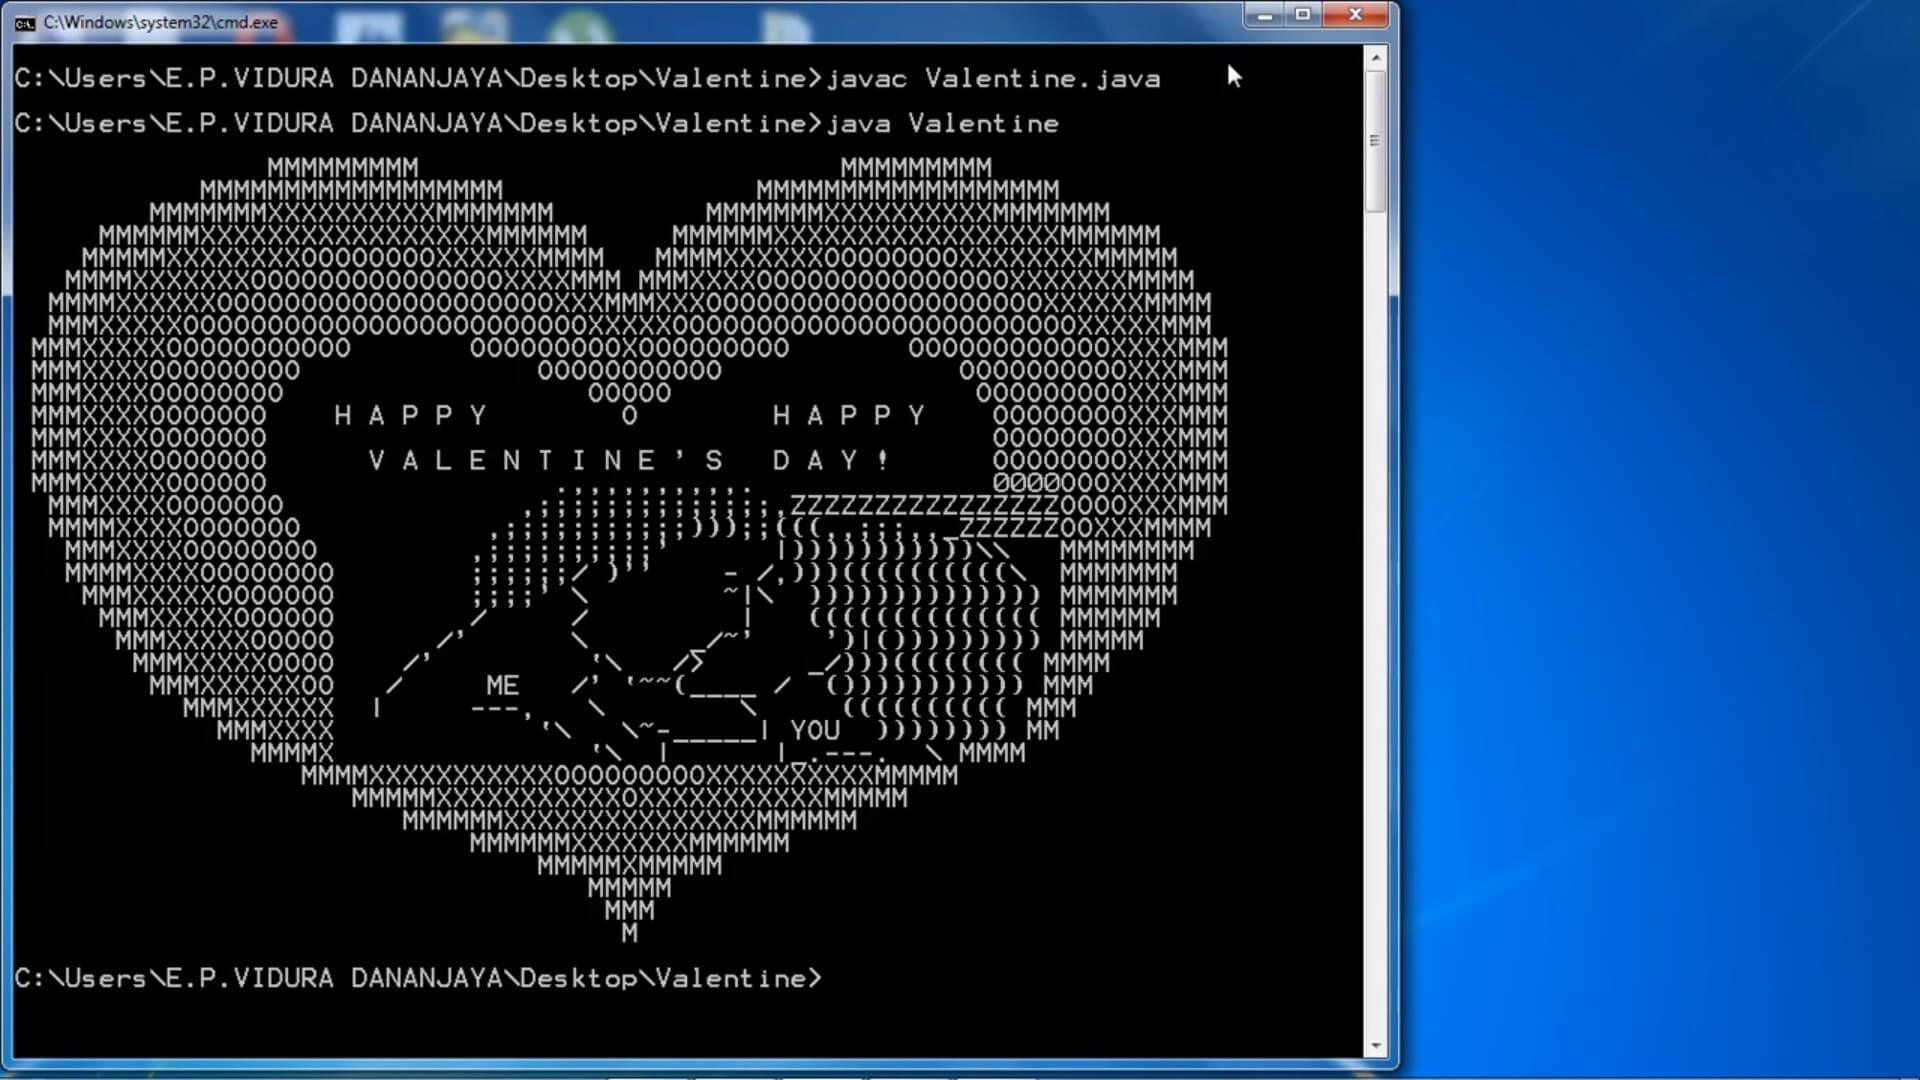 Java Valentine